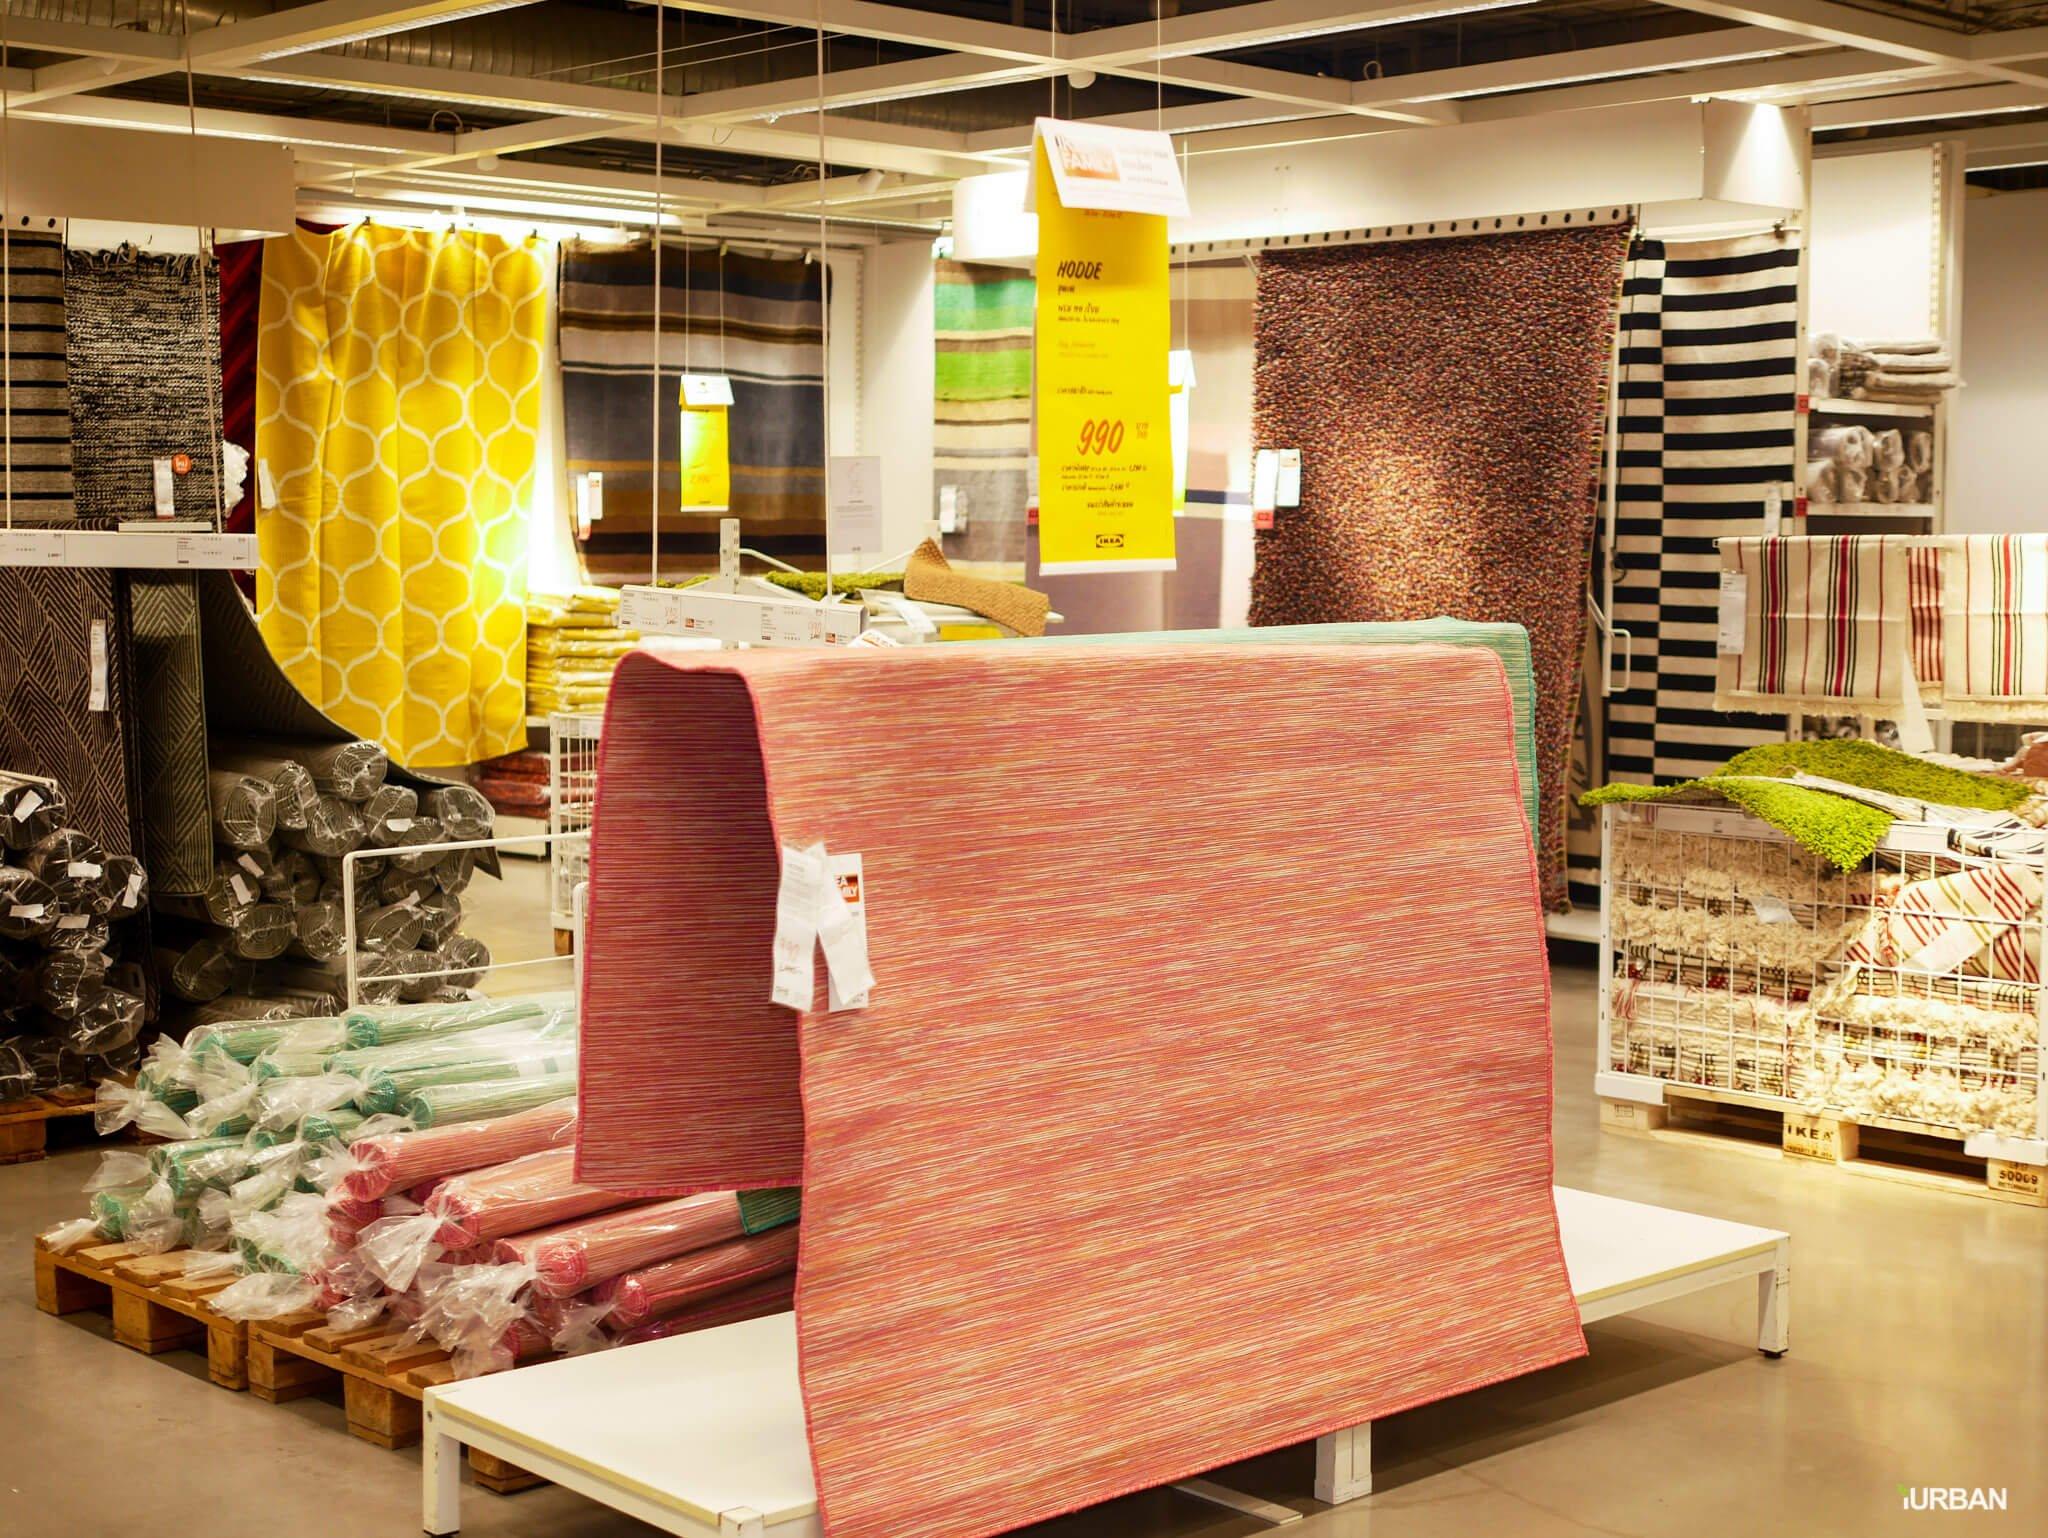 มันเยอะมากกกก!! IKEA Year End SALE 2017 รวมของเซลในอิเกีย ลดเยอะ ลดแหลก รีบพุ่งตัวไป วันนี้ - 7 มกราคม 61 158 - IKEA (อิเกีย)